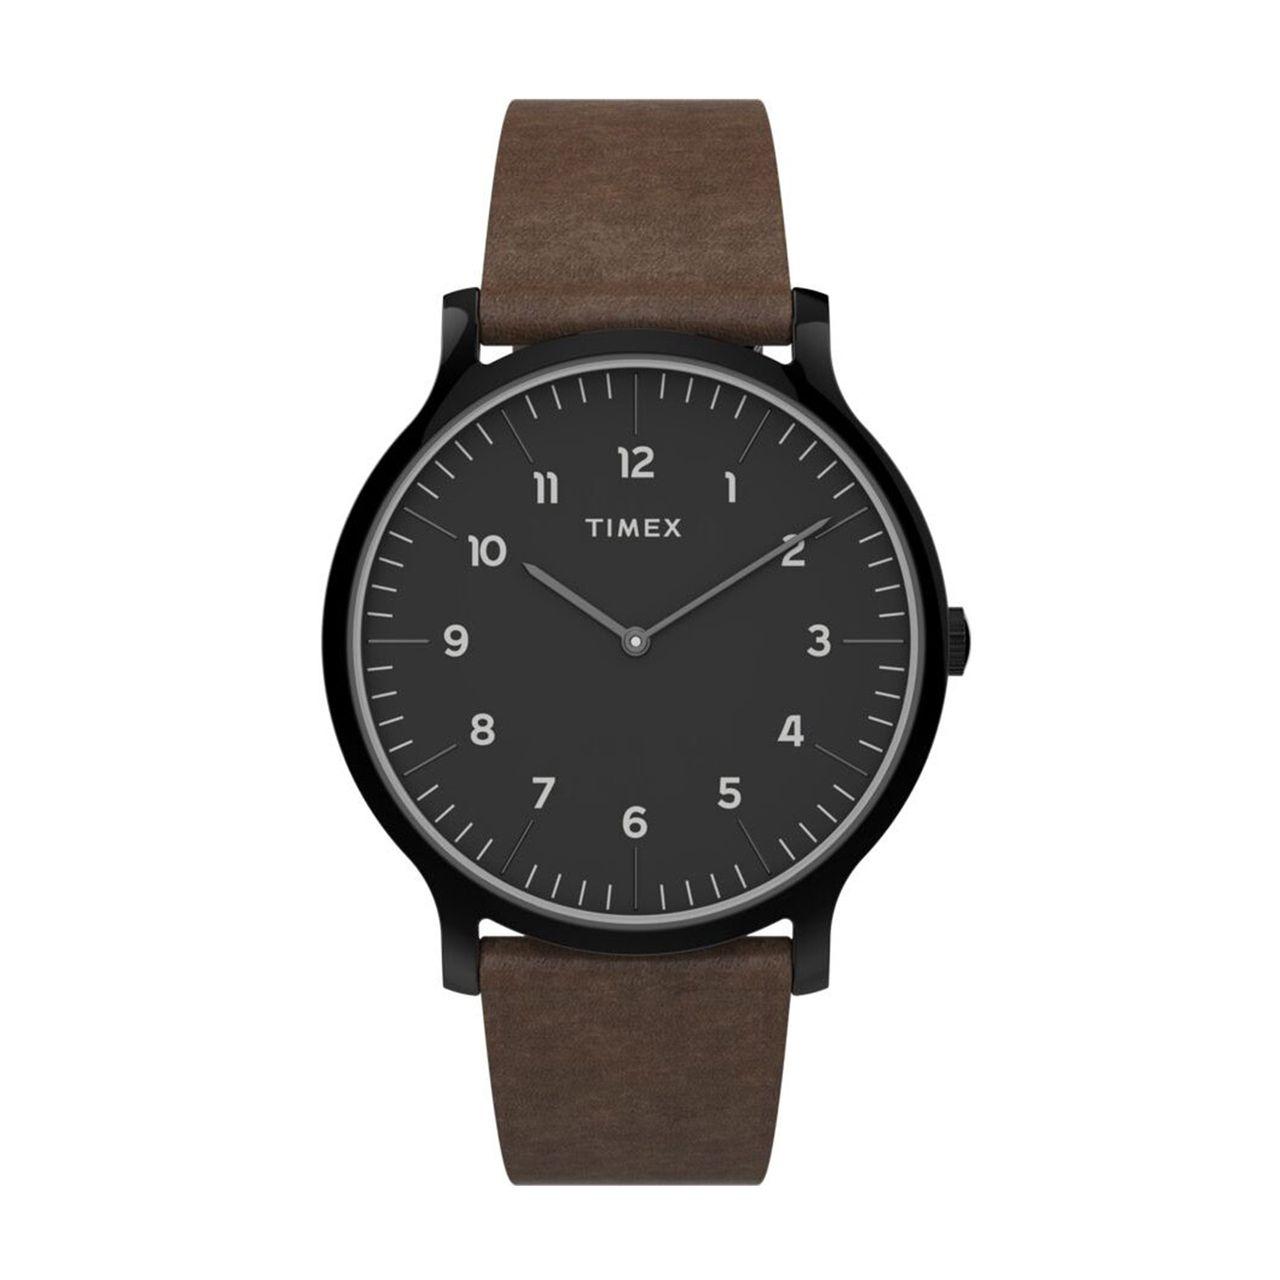 ساعت مچی عقربه ای مردانه تایمکس مدل TW2T66400